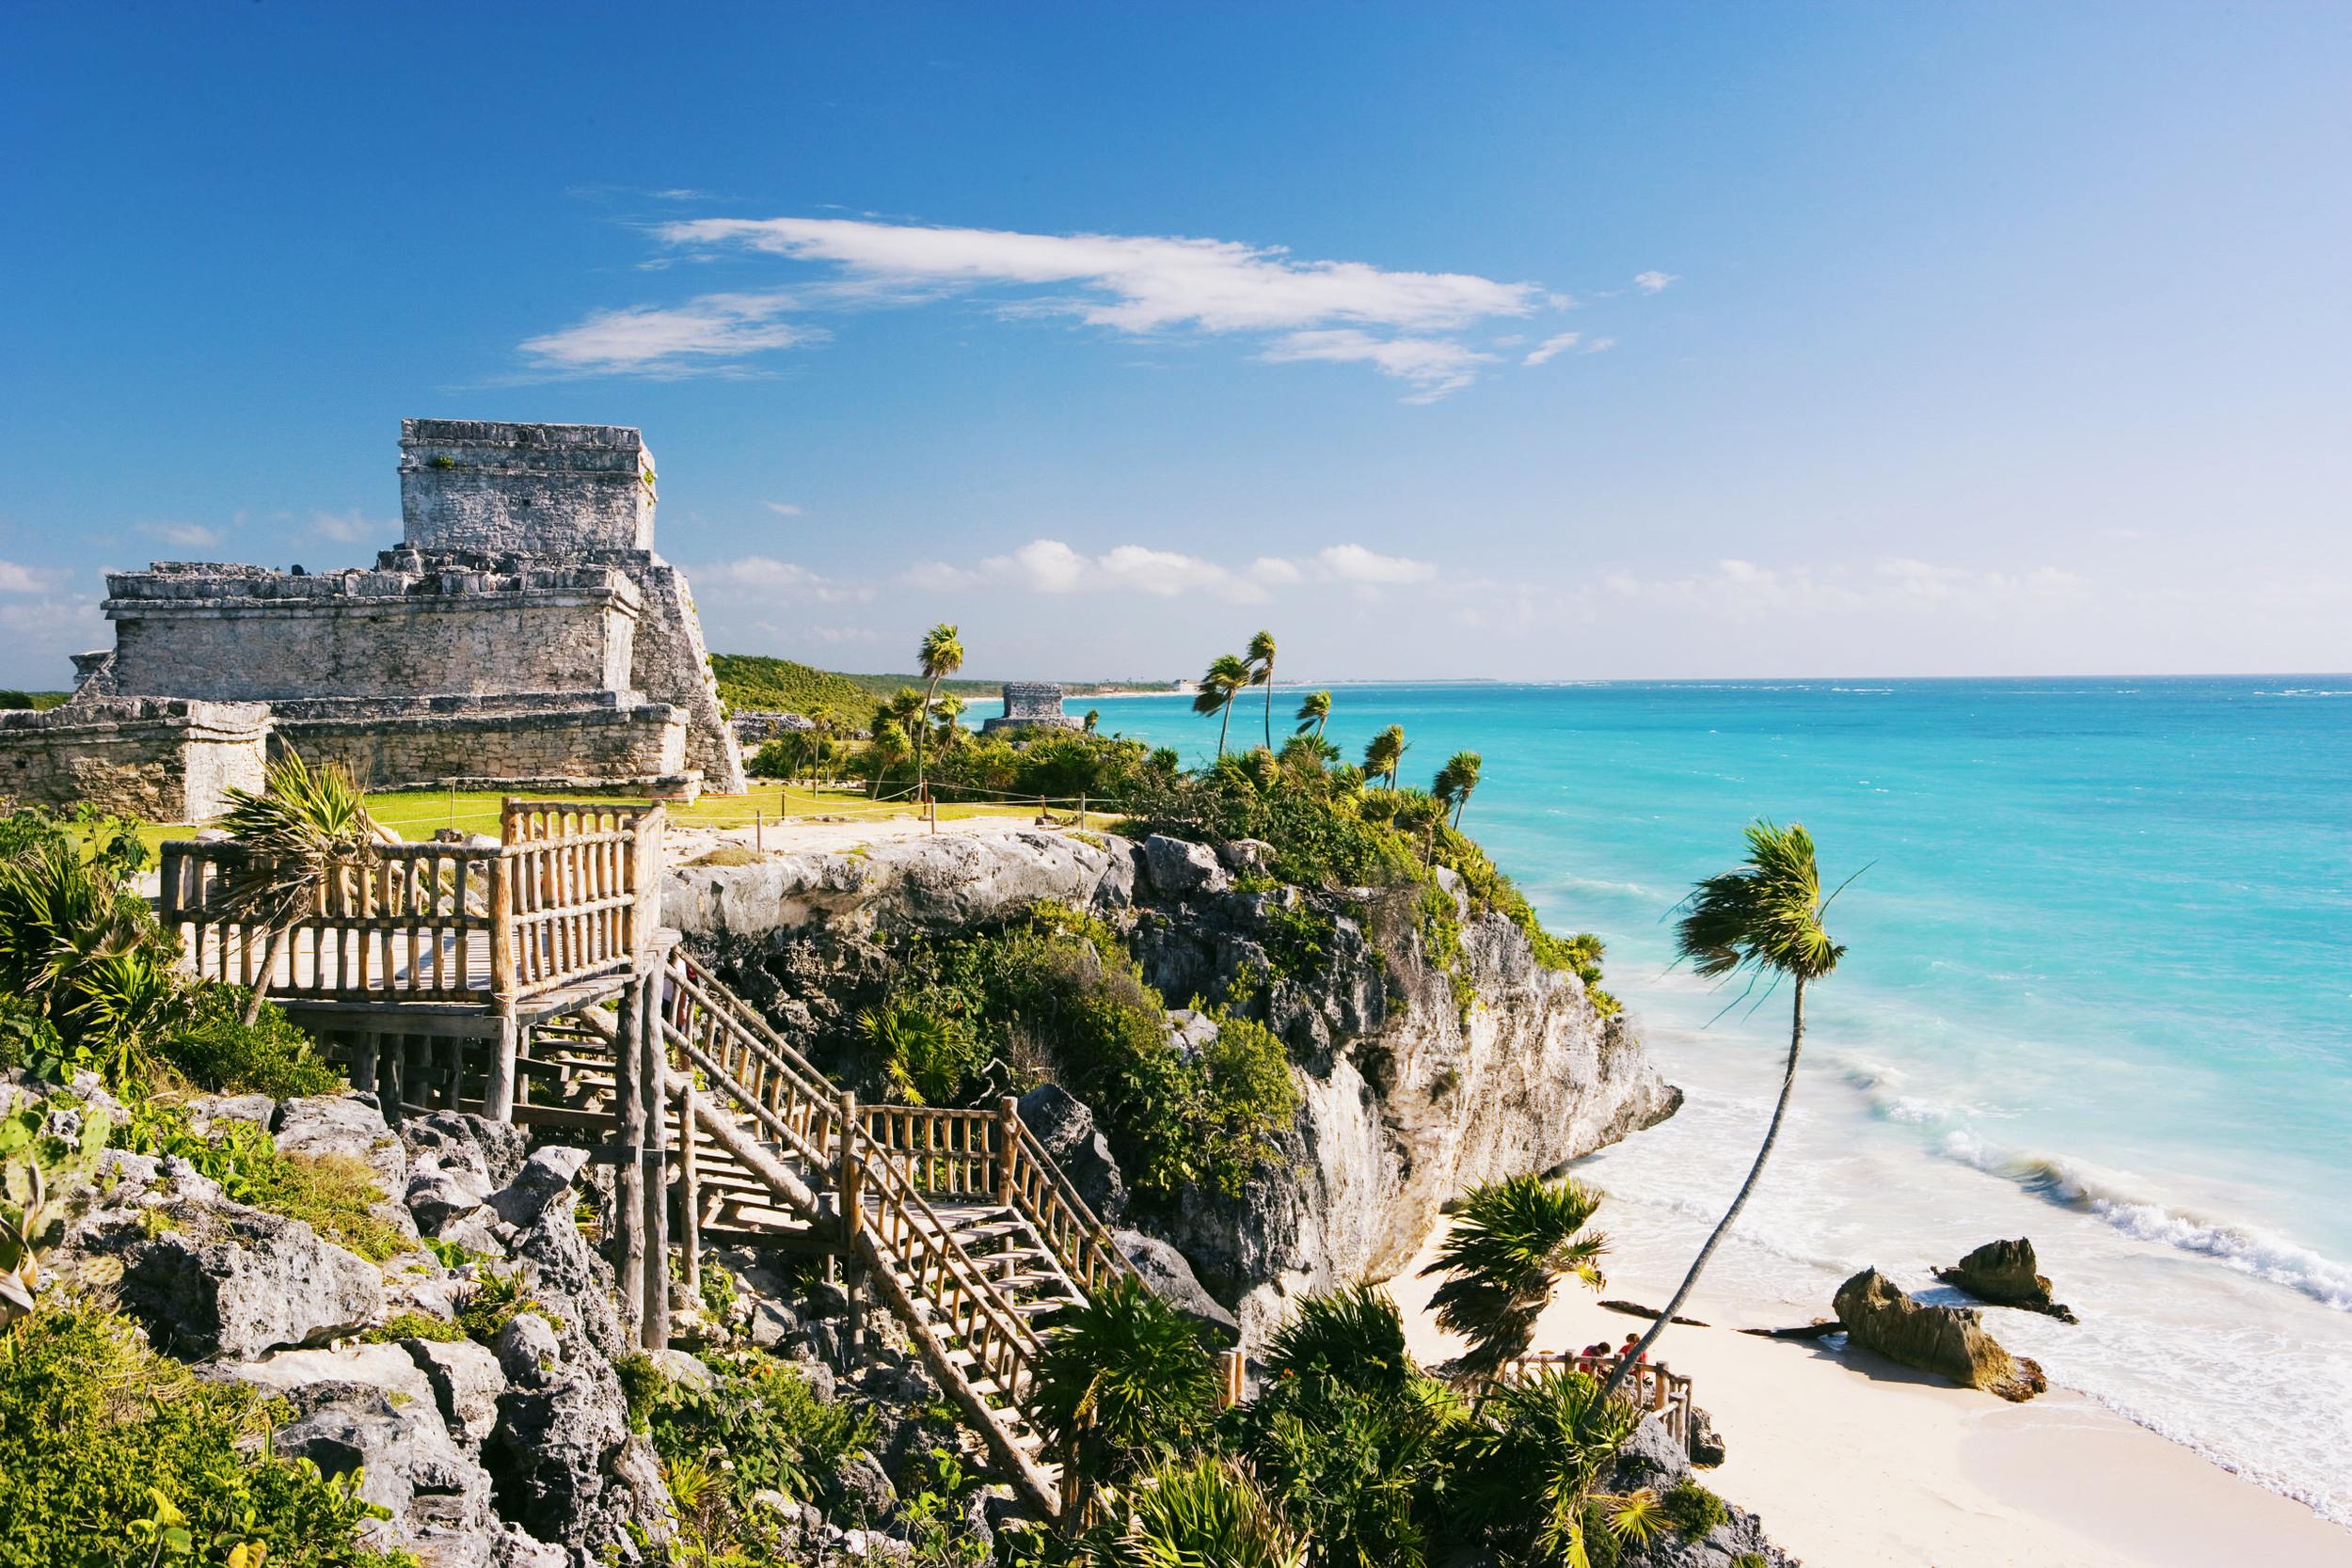 Mexico hoteis e roteiros de viagem